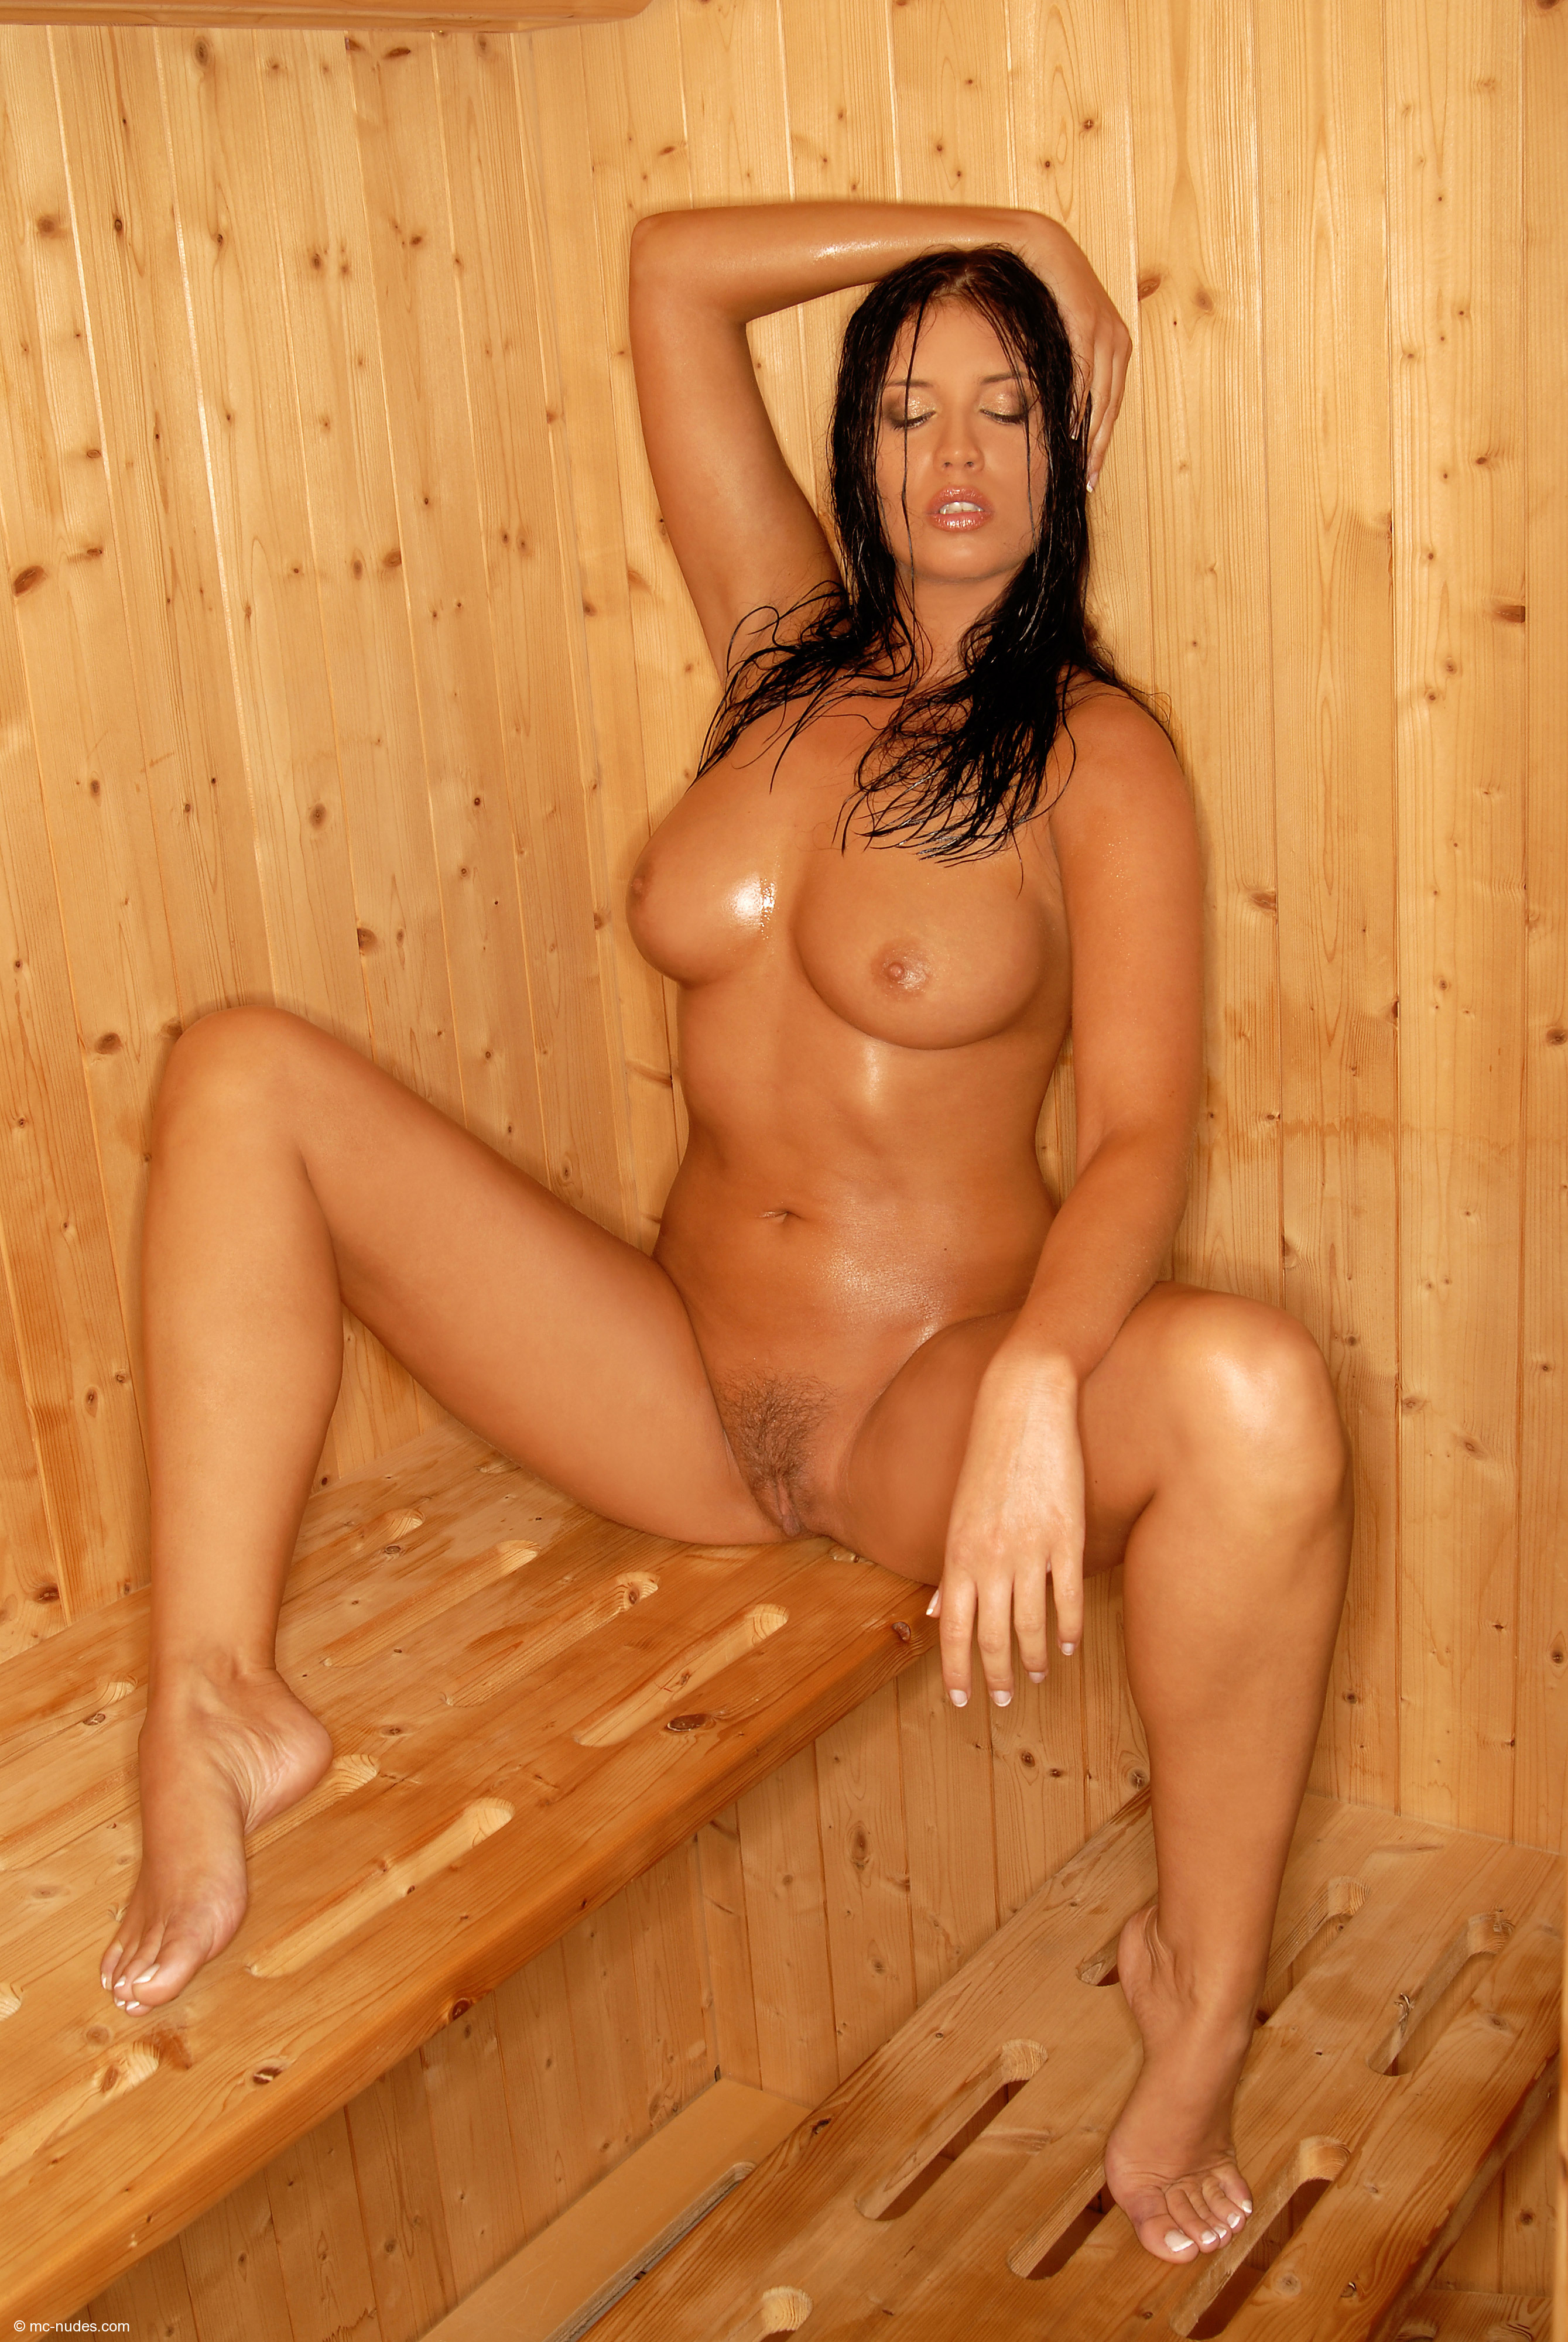 porno-foto-russkih-v-bane-i-saune